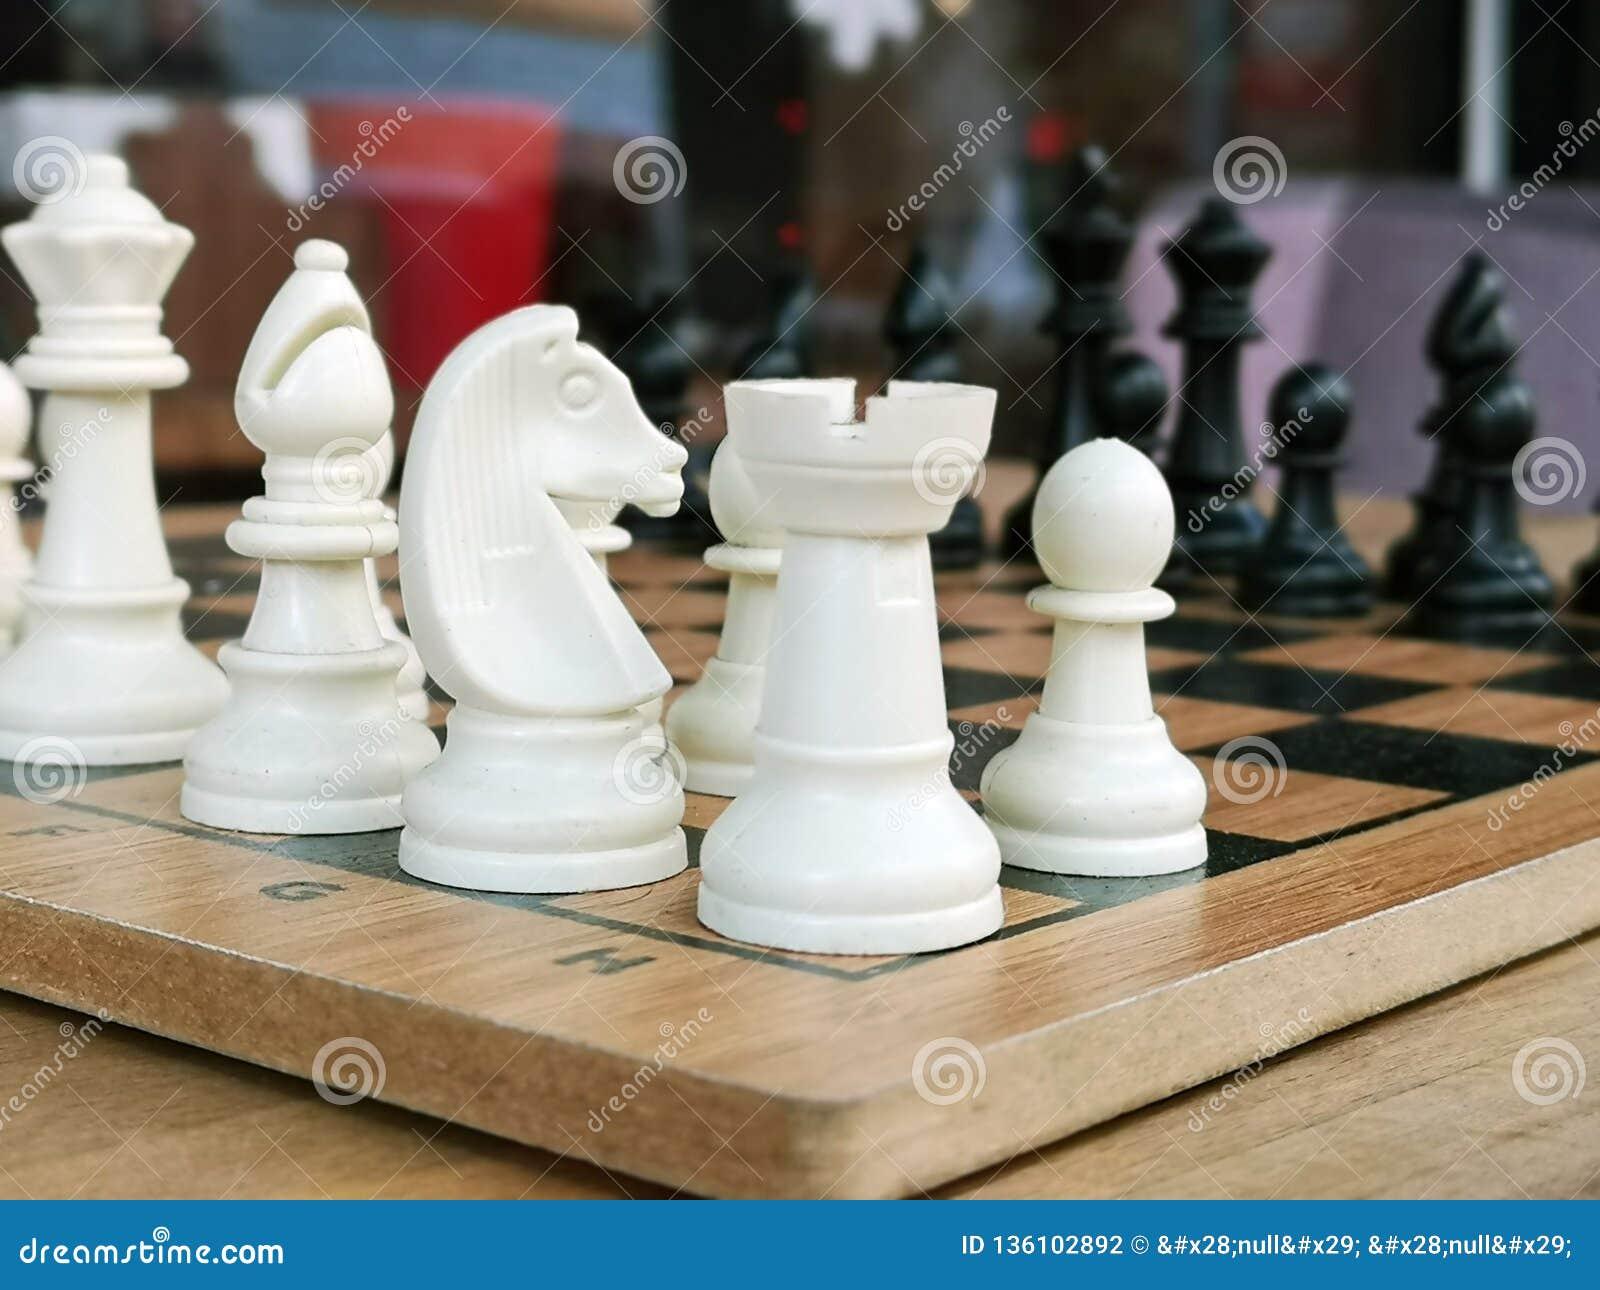 Schack är en fientligt inställd lek för populär forntida brädelogik med speciala svartvita stycken, på ett cellbräde för intellig